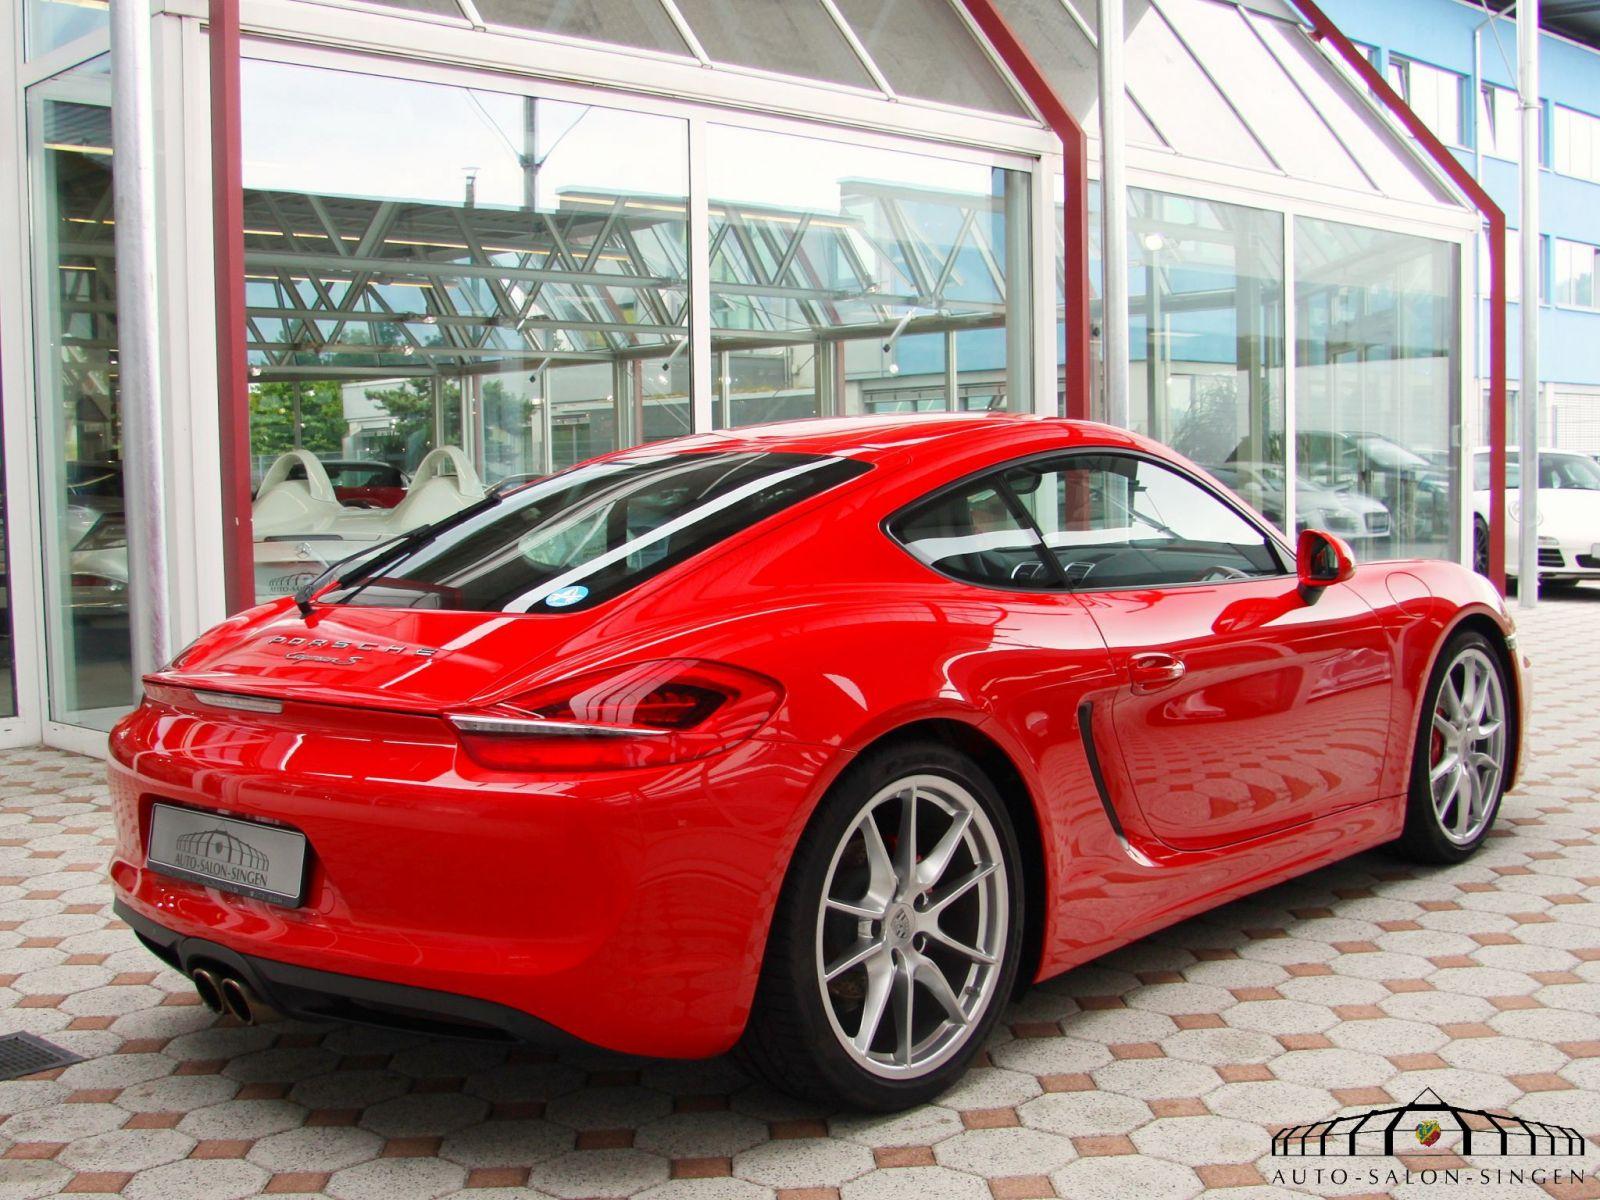 Porsche Cayman S 981 Coupé Auto Salon Singen